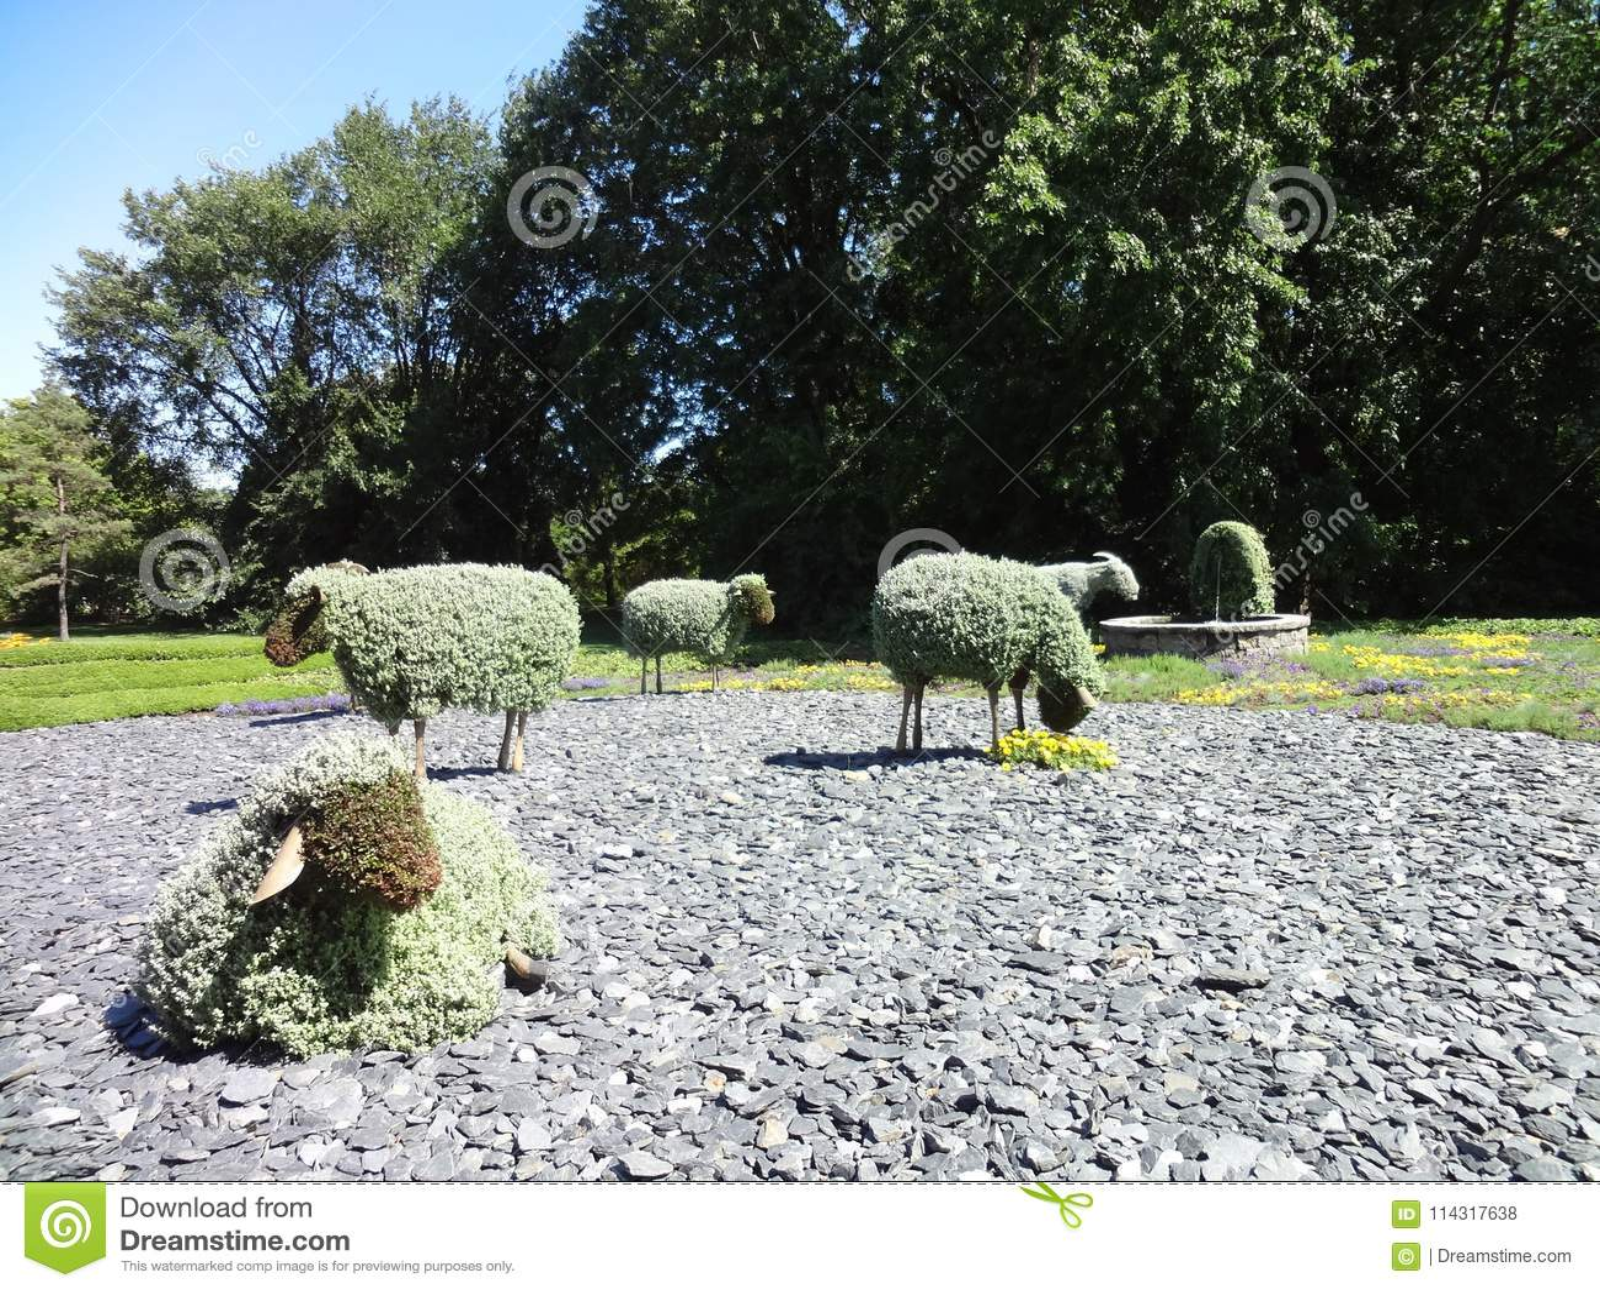 Schafe Botanischer Garten von Montreal Kanada